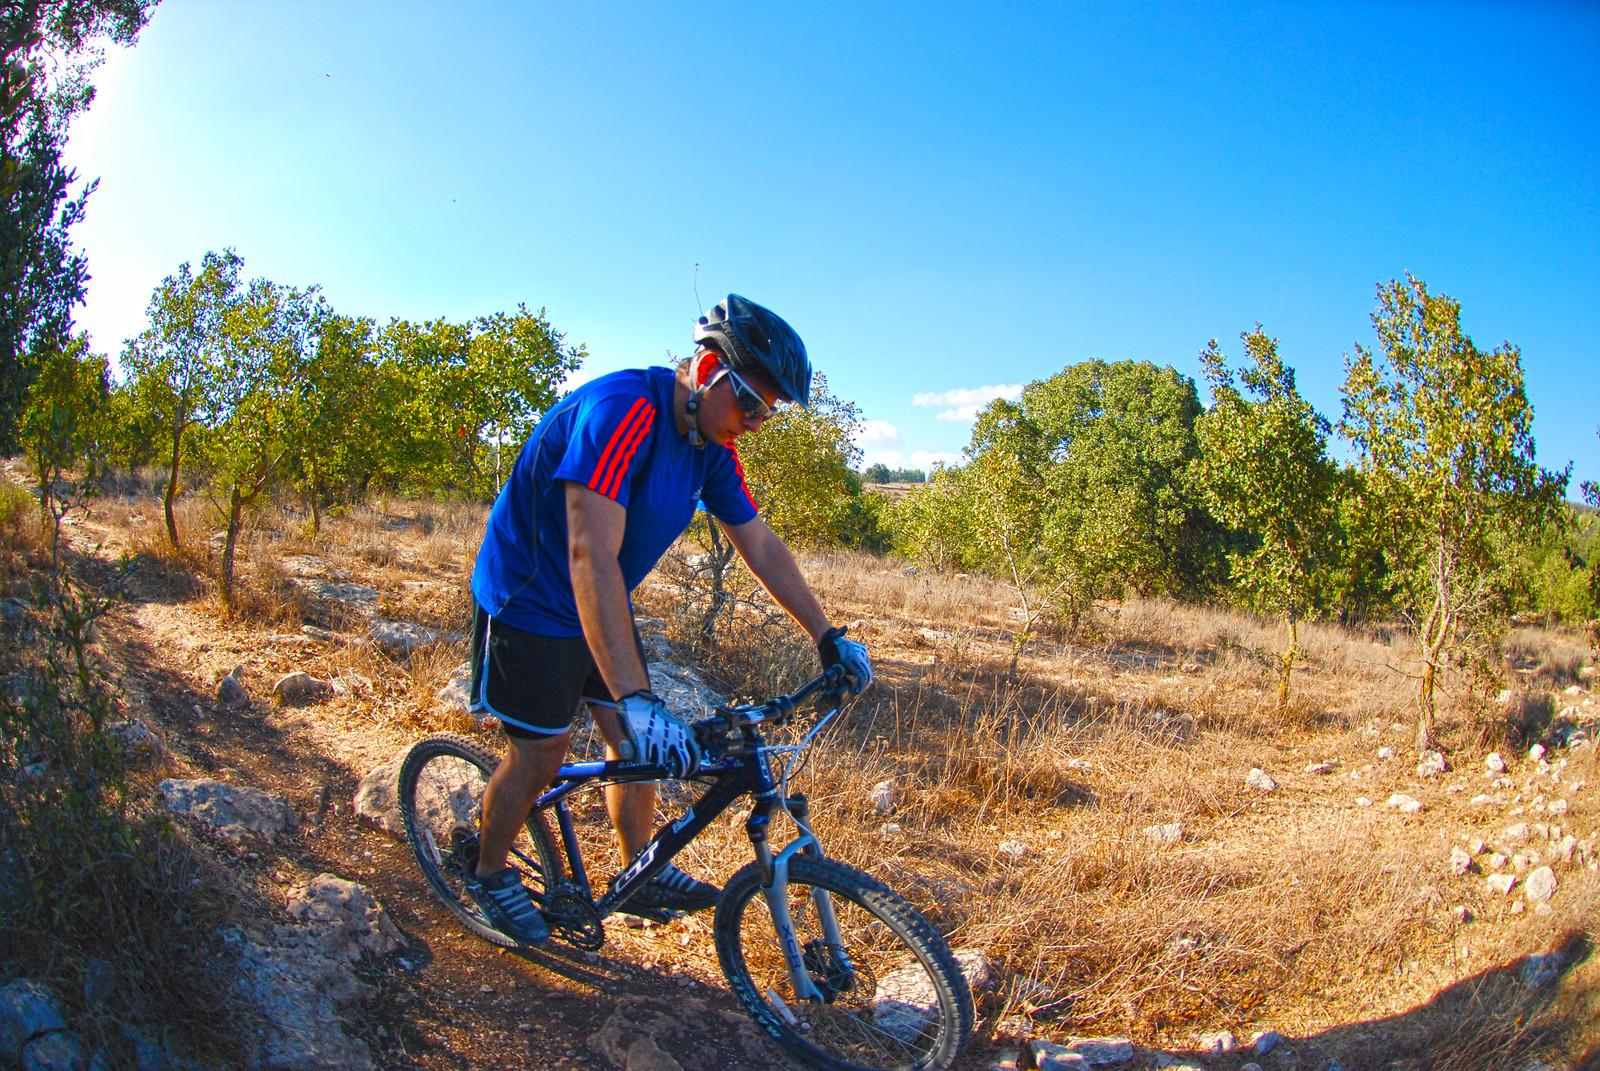 DSC 0049 - omer kop - Mountain Biking Pictures - Vital MTB